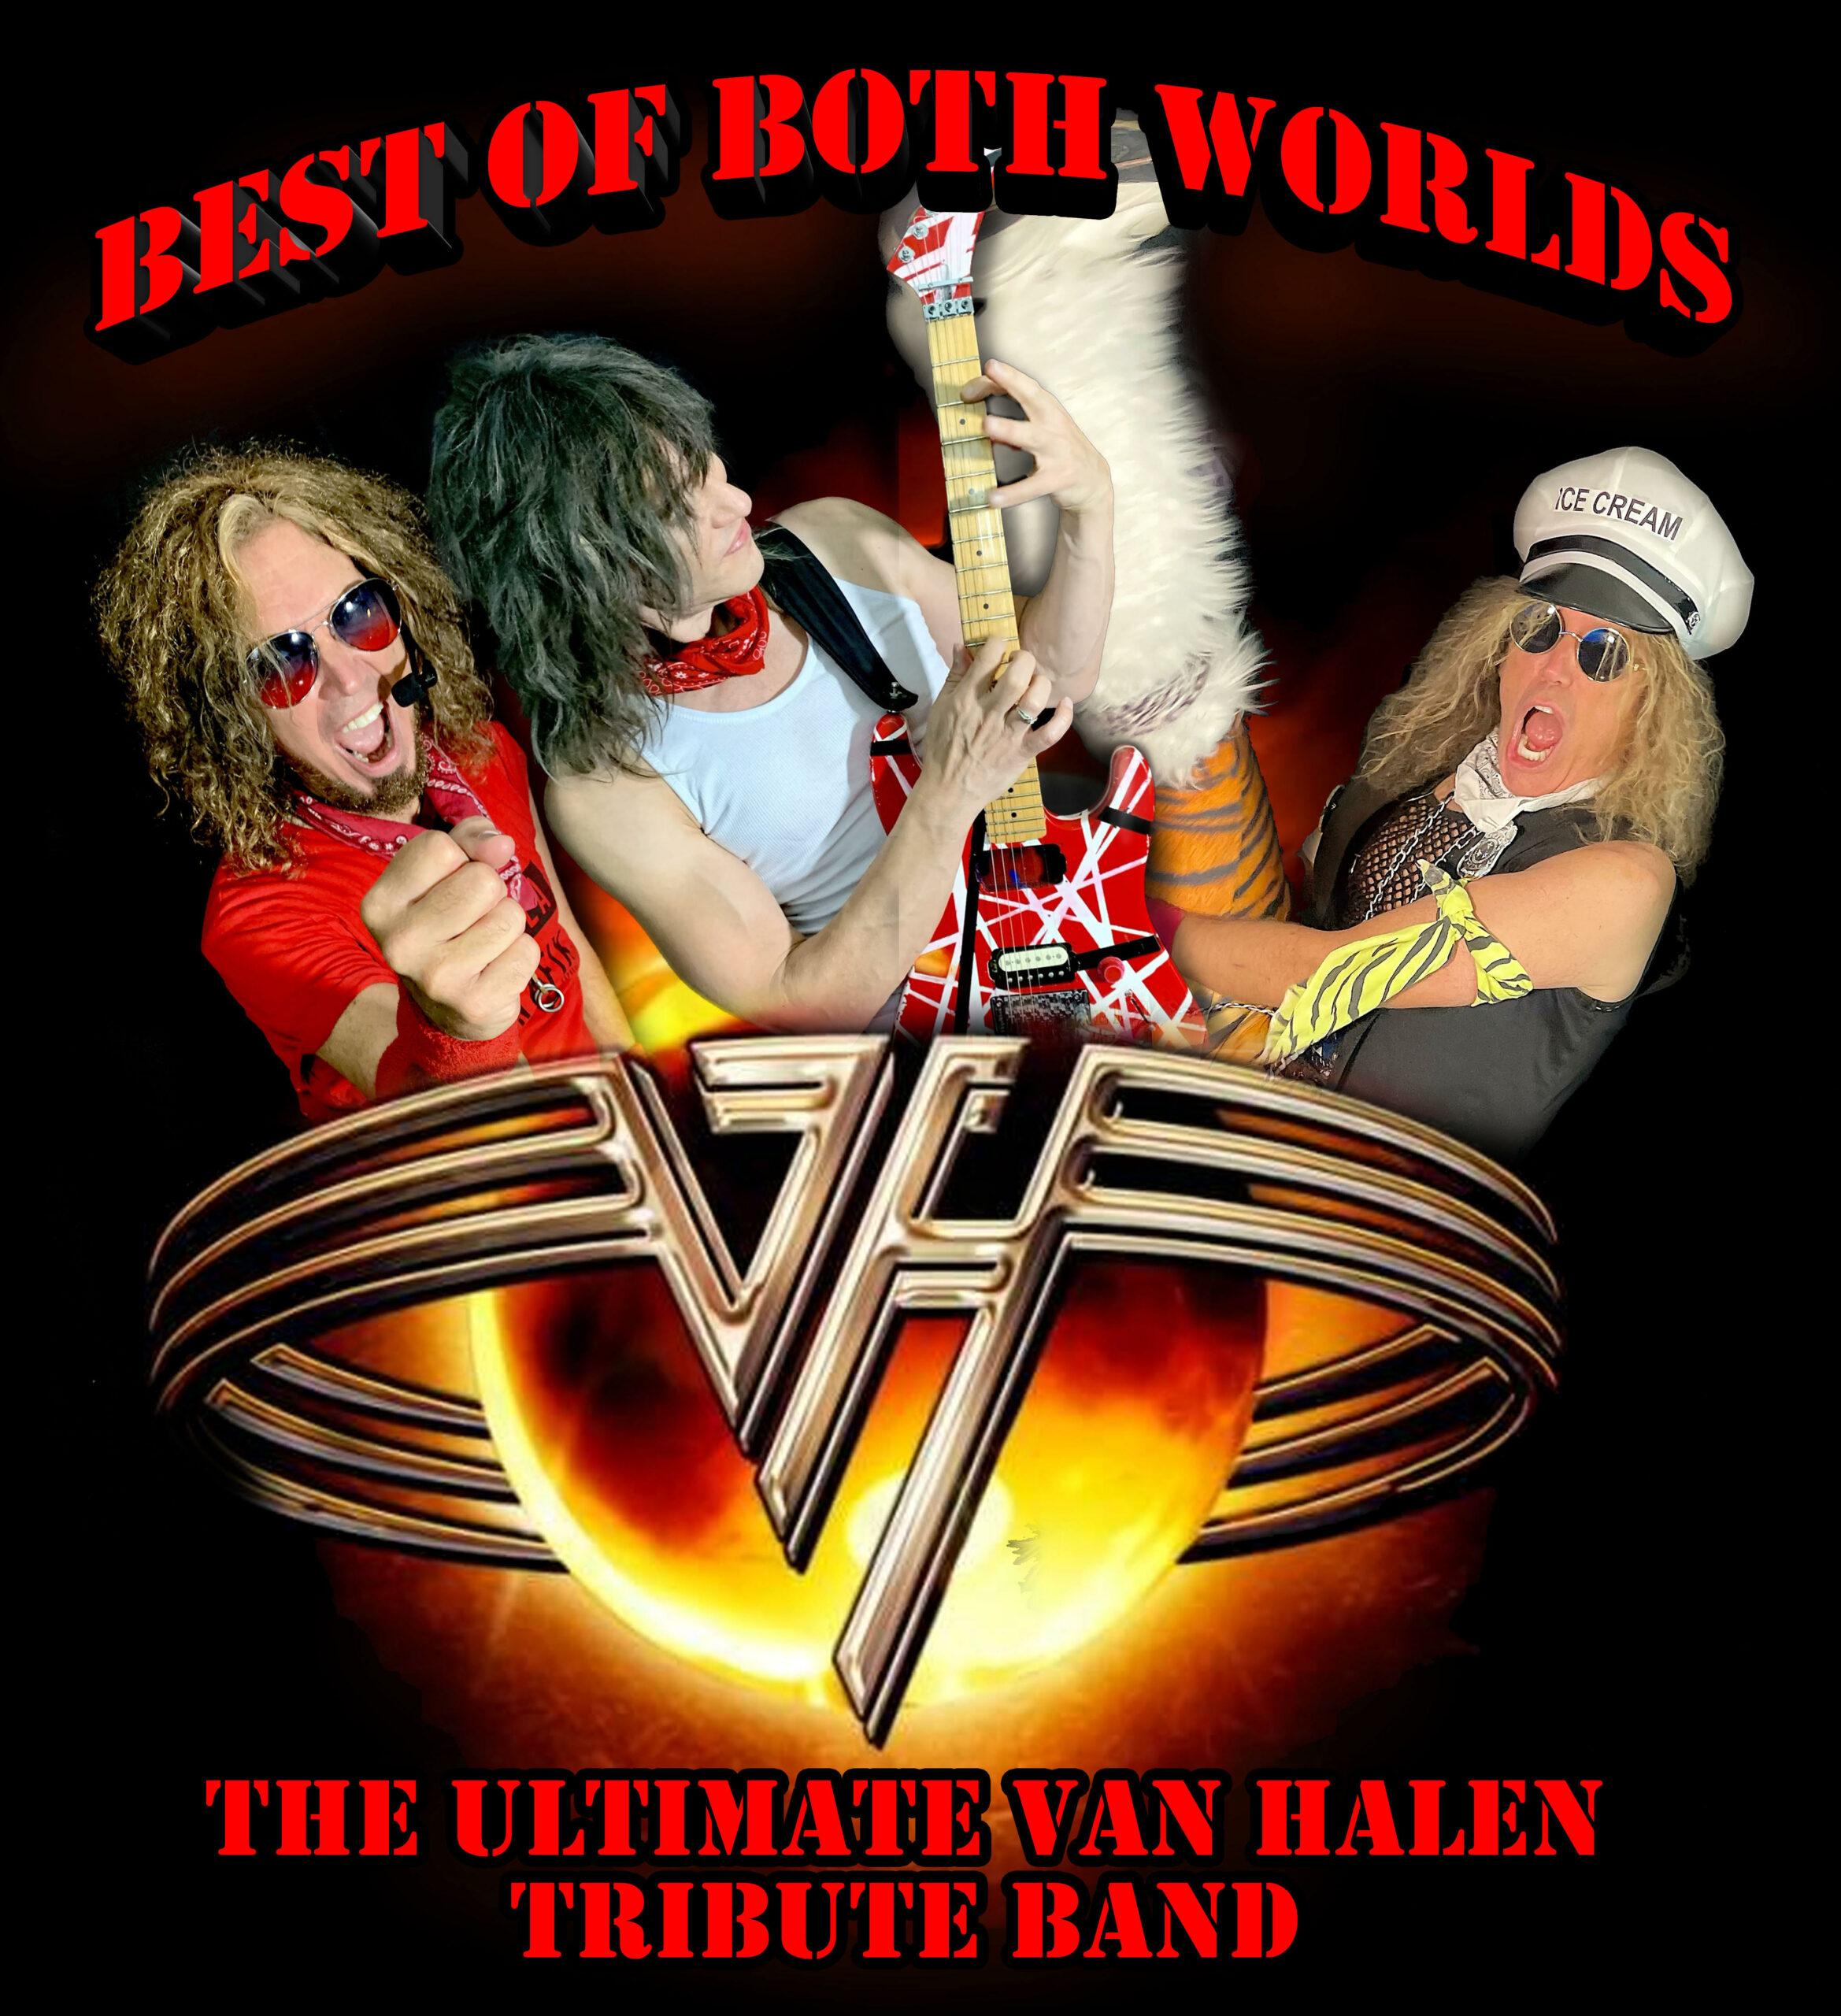 Best of Both Worlds - The Ultimate Van Halen Tribute